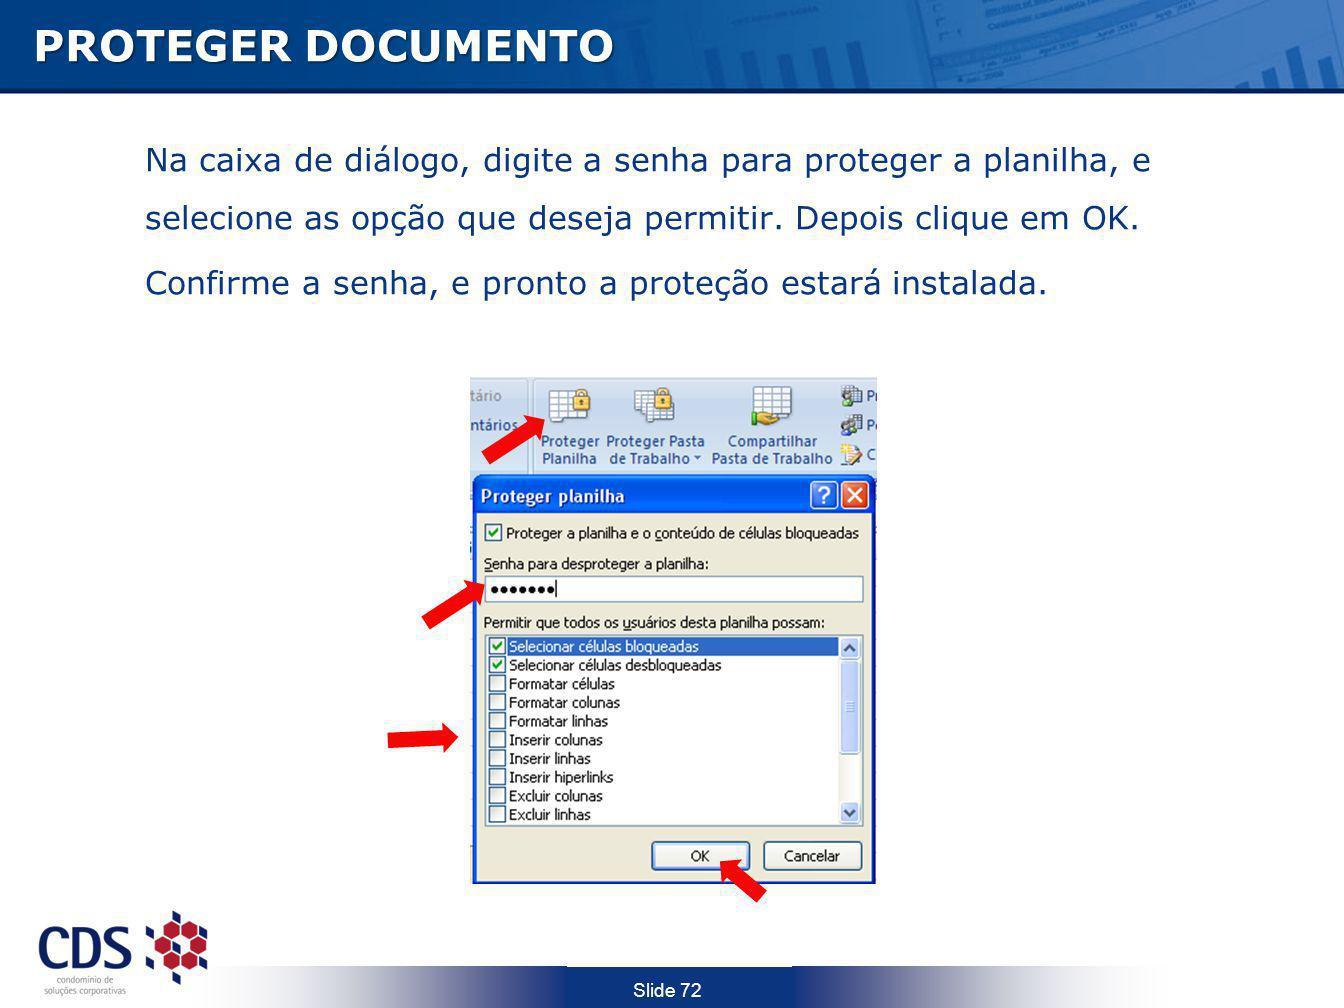 Slide 72 PROTEGER DOCUMENTO Na caixa de diálogo, digite a senha para proteger a planilha, e selecione as opção que deseja permitir. Depois clique em O